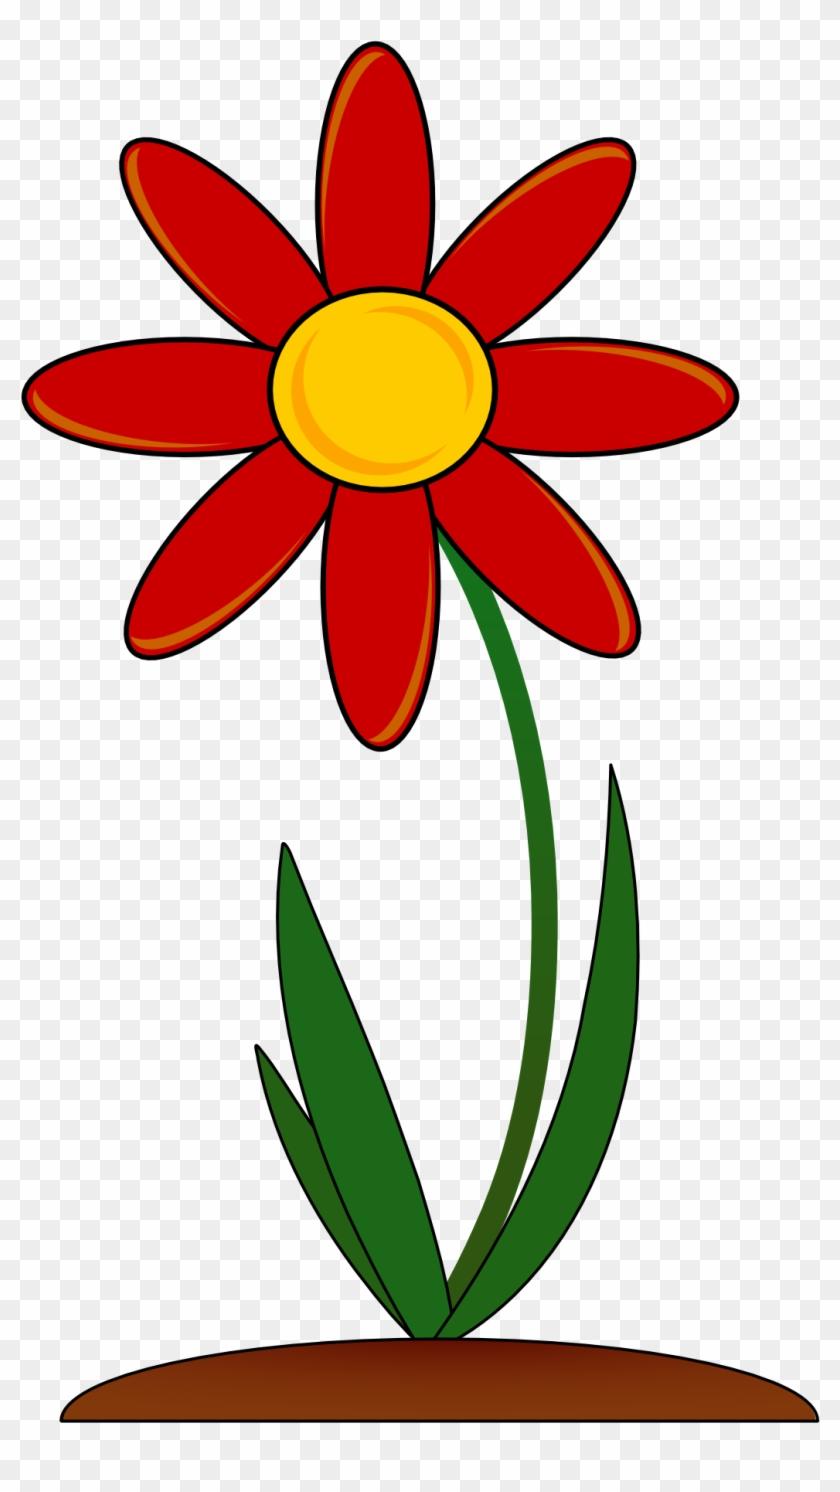 public domain flower clip art free free transparent png clipart rh clipartmax com free floral clip art for wedding free floral clip art designs